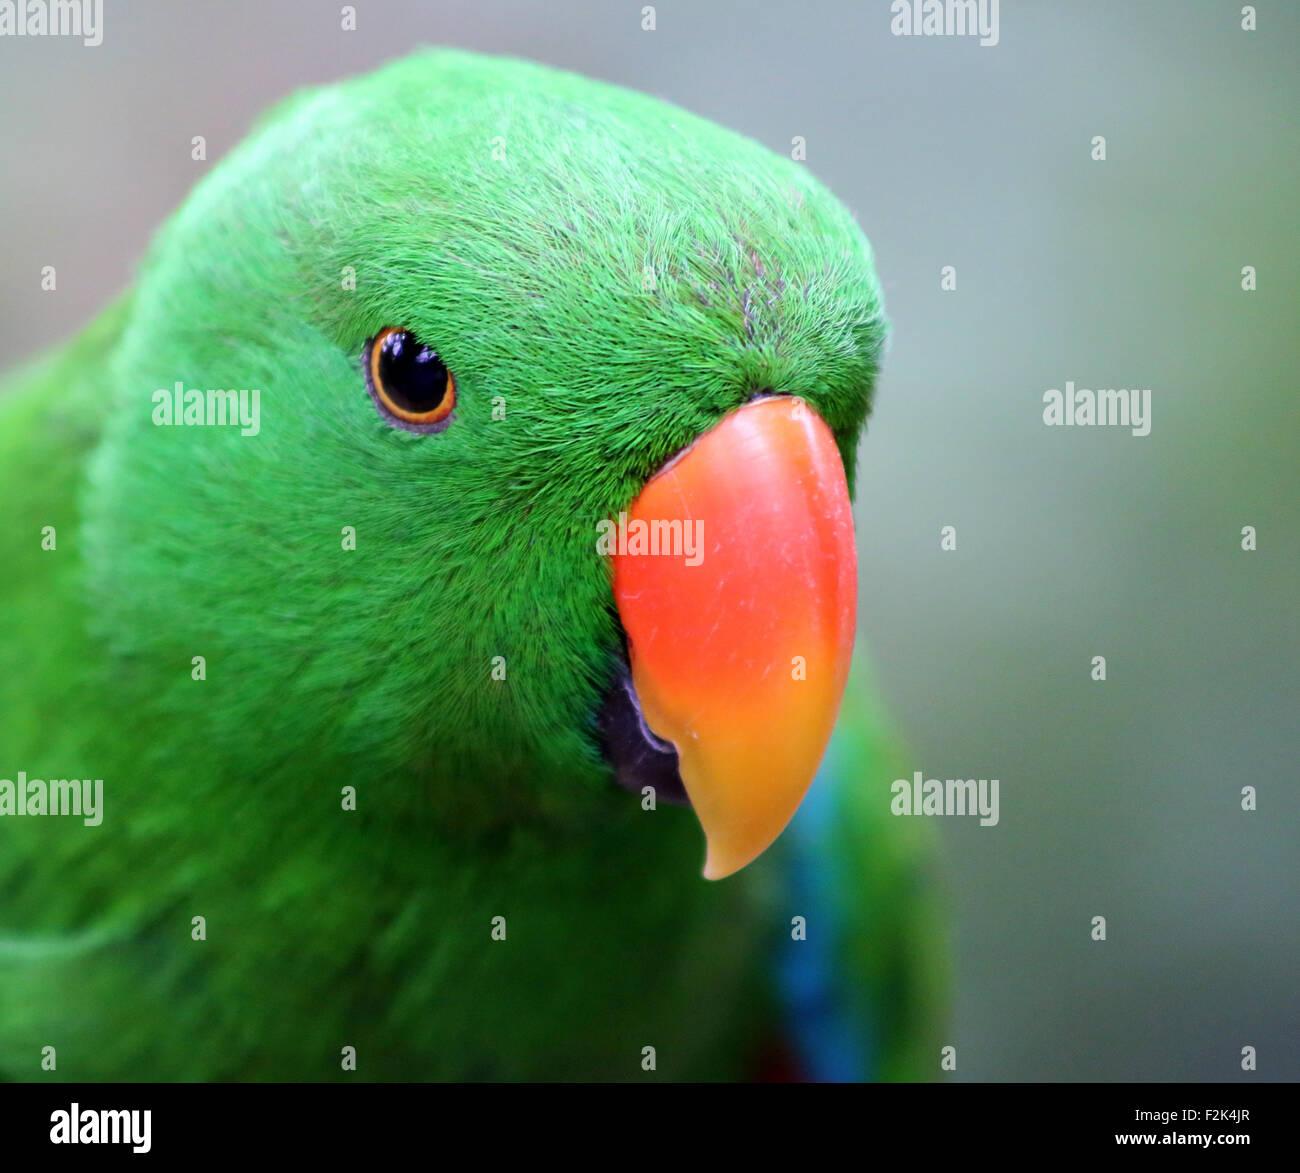 Eclectus Roratus Parrot - Stock Image